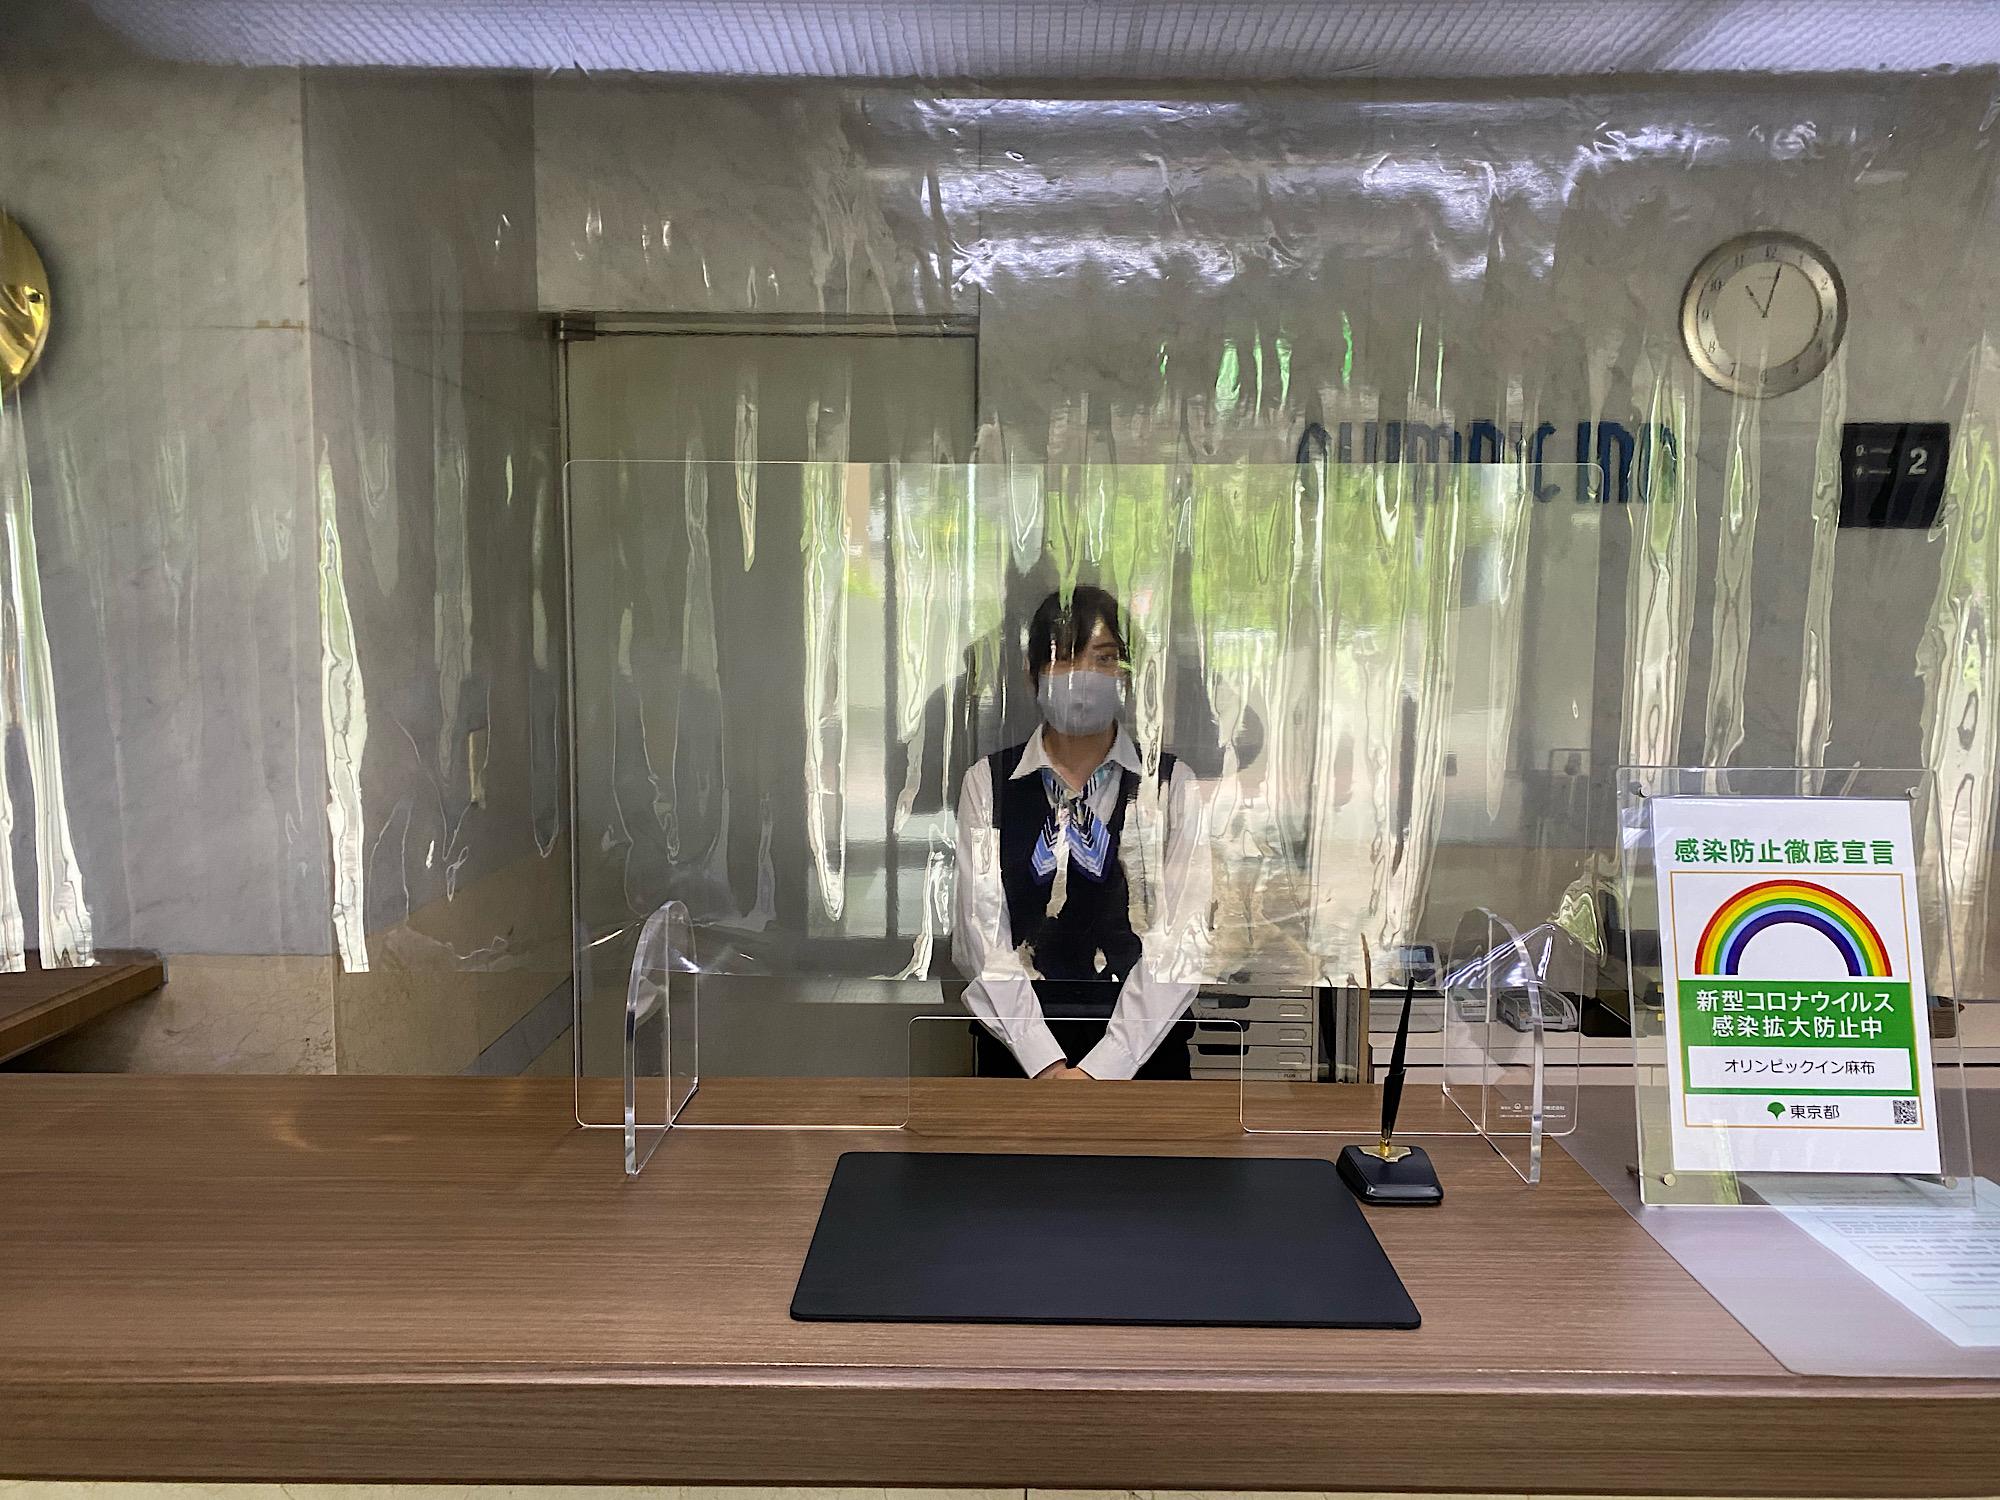 フロント飛沫感染防止シールド